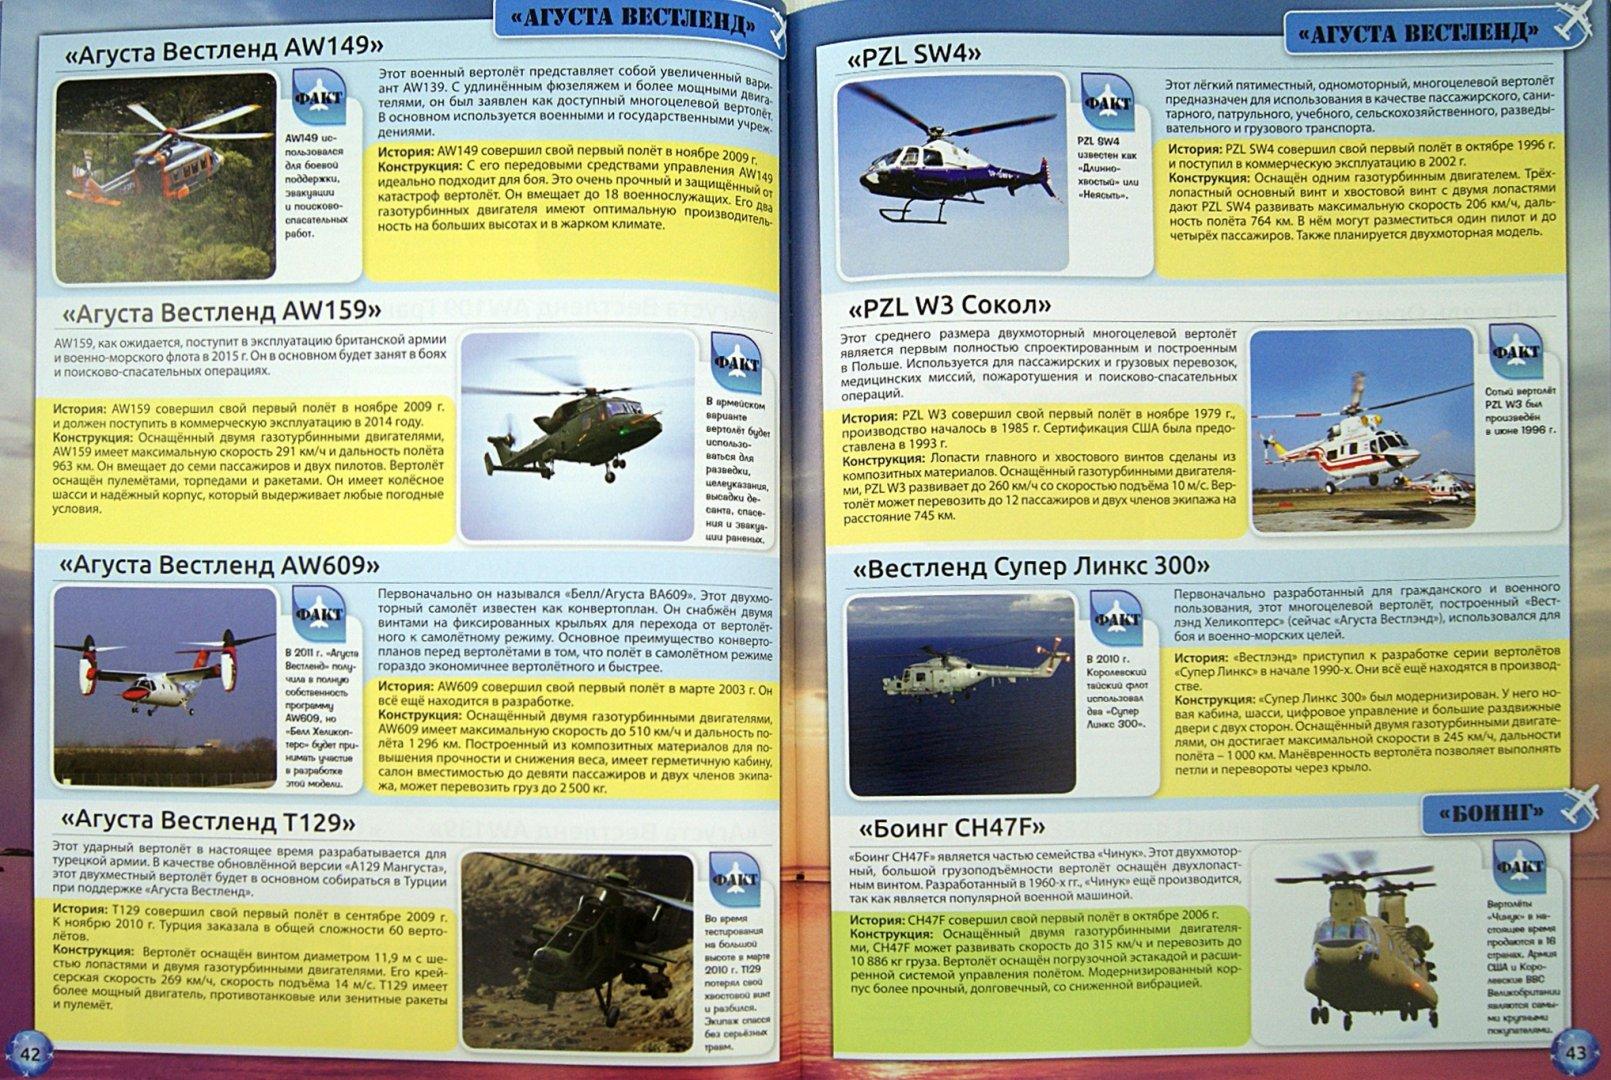 Иллюстрация 1 из 7 для Энциклопедия самолетов. Все о самолетах | Лабиринт - книги. Источник: Лабиринт